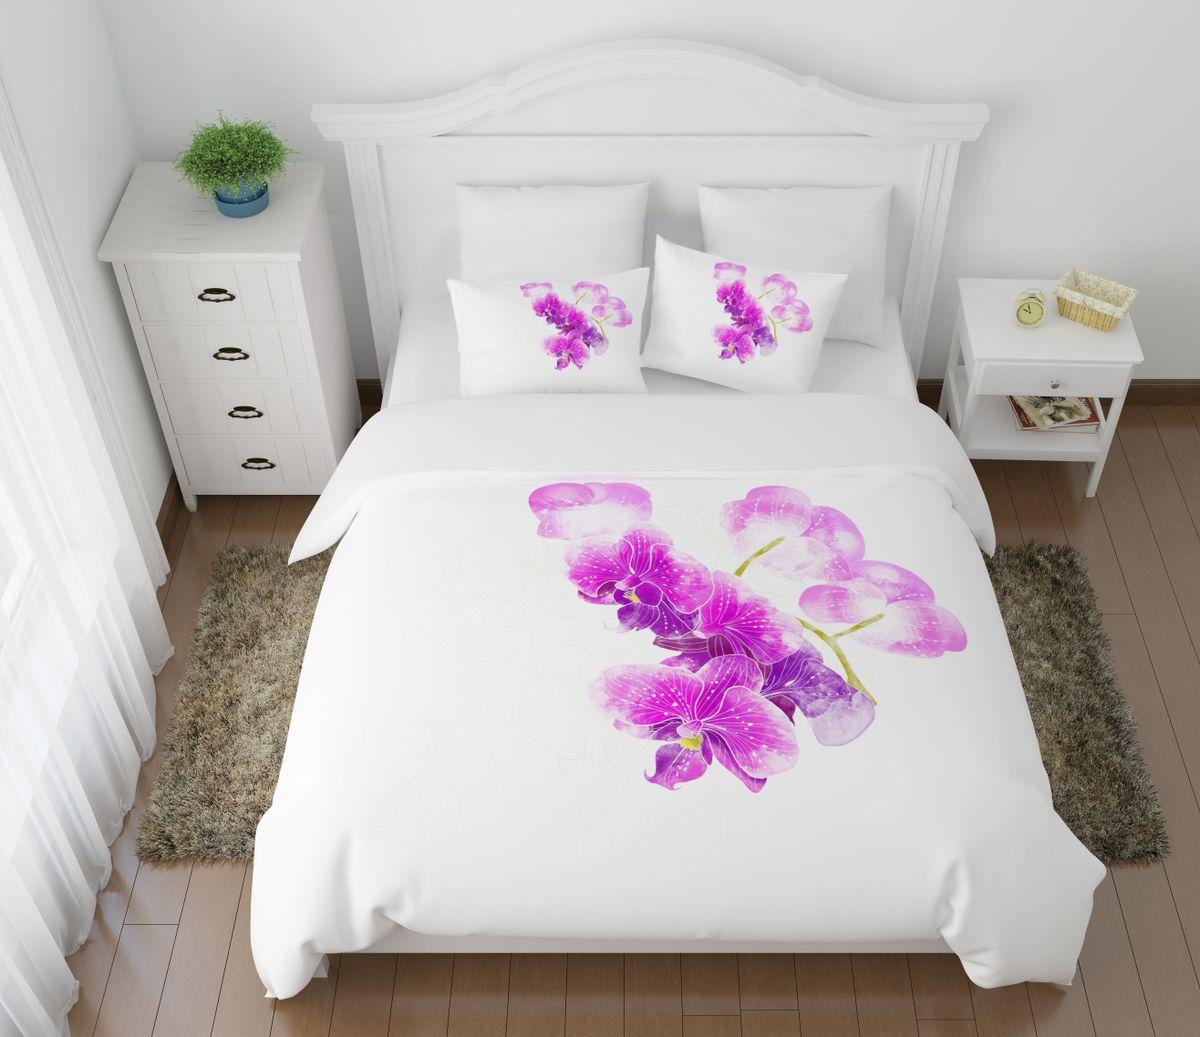 Комплект белья Сирень Ветка орхидеи, 2-спальный, наволочки 50х7008428-КПБ2-МКомплект постельного белья Сирень выполнен из прочной и мягкой ткани. Четкий и стильный рисунок в сочетании с насыщенными красками делают комплект постельного белья неповторимой изюминкой любого интерьера.Постельное белье идеально подойдет для подарка. Идеальное соотношение смешенной ткани и гипоаллергенных красок - это гарантия здорового, спокойного сна. Ткань хорошо впитывает влагу, надолго сохраняет яркость красок.В комплект входят: простыня, пододеяльник, две наволочки. Постельное белье легко стирать при 30-40°С, гладить при 150°С, не отбеливать. Рекомендуется перед первым использованием постирать.УВАЖАЕМЫЕ КЛИЕНТЫ! Обращаем ваше внимание, что цвет простыни, пододеяльника, наволочки в комплектации может немного отличаться от представленного на фото.